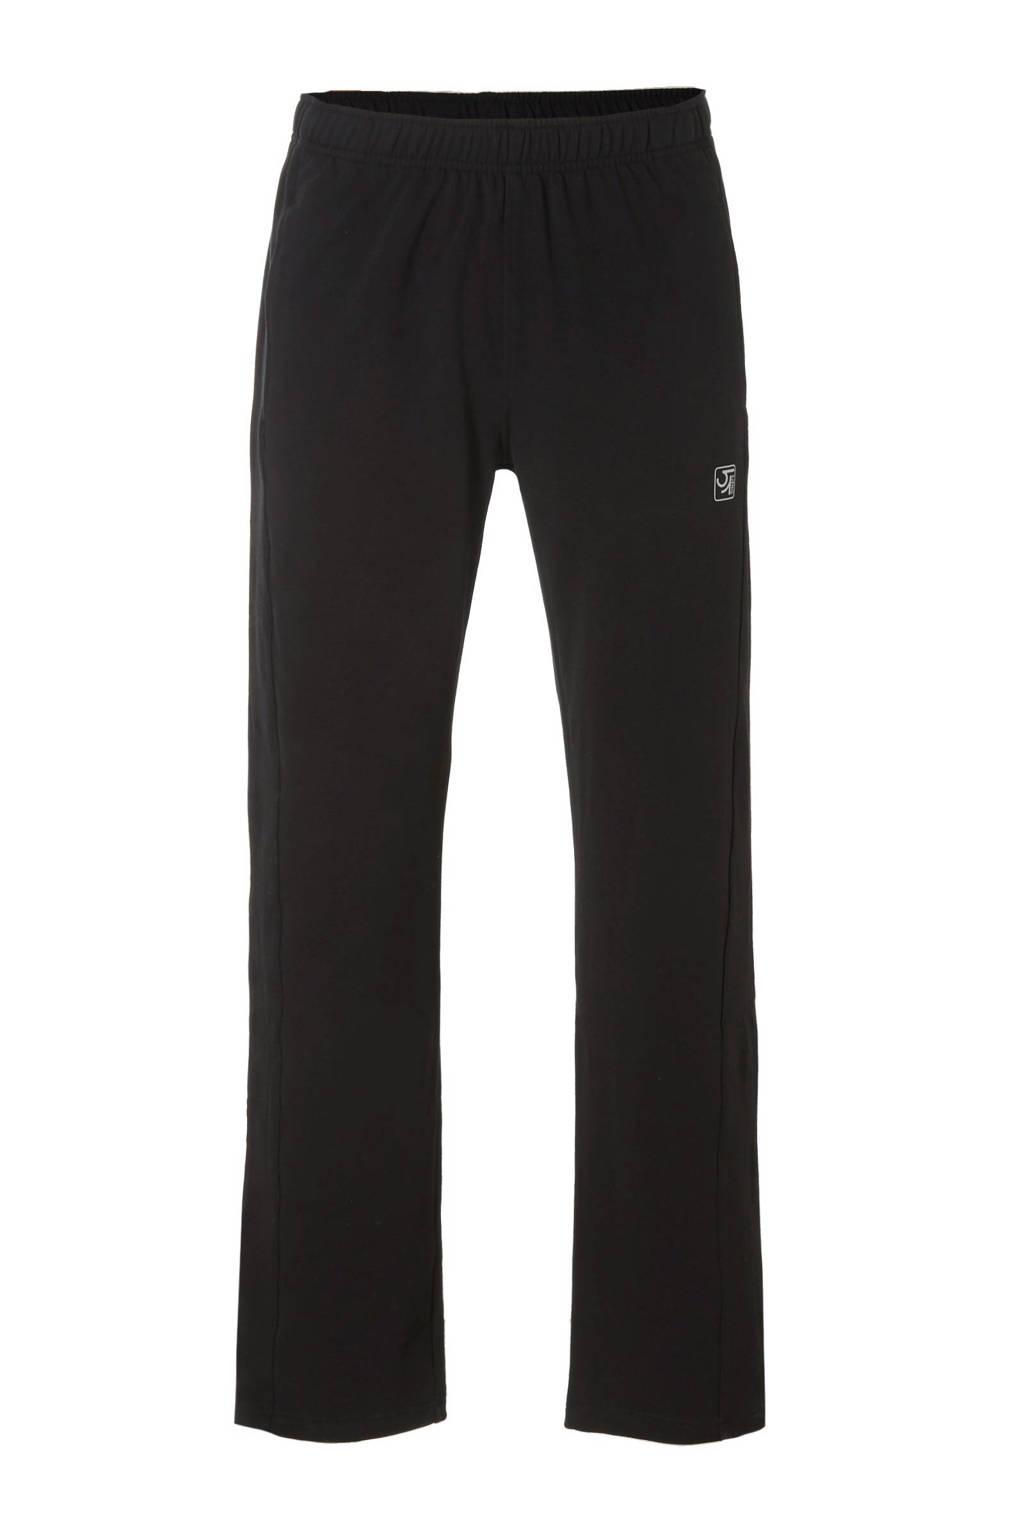 Sjeng Sports   broek, Zwart